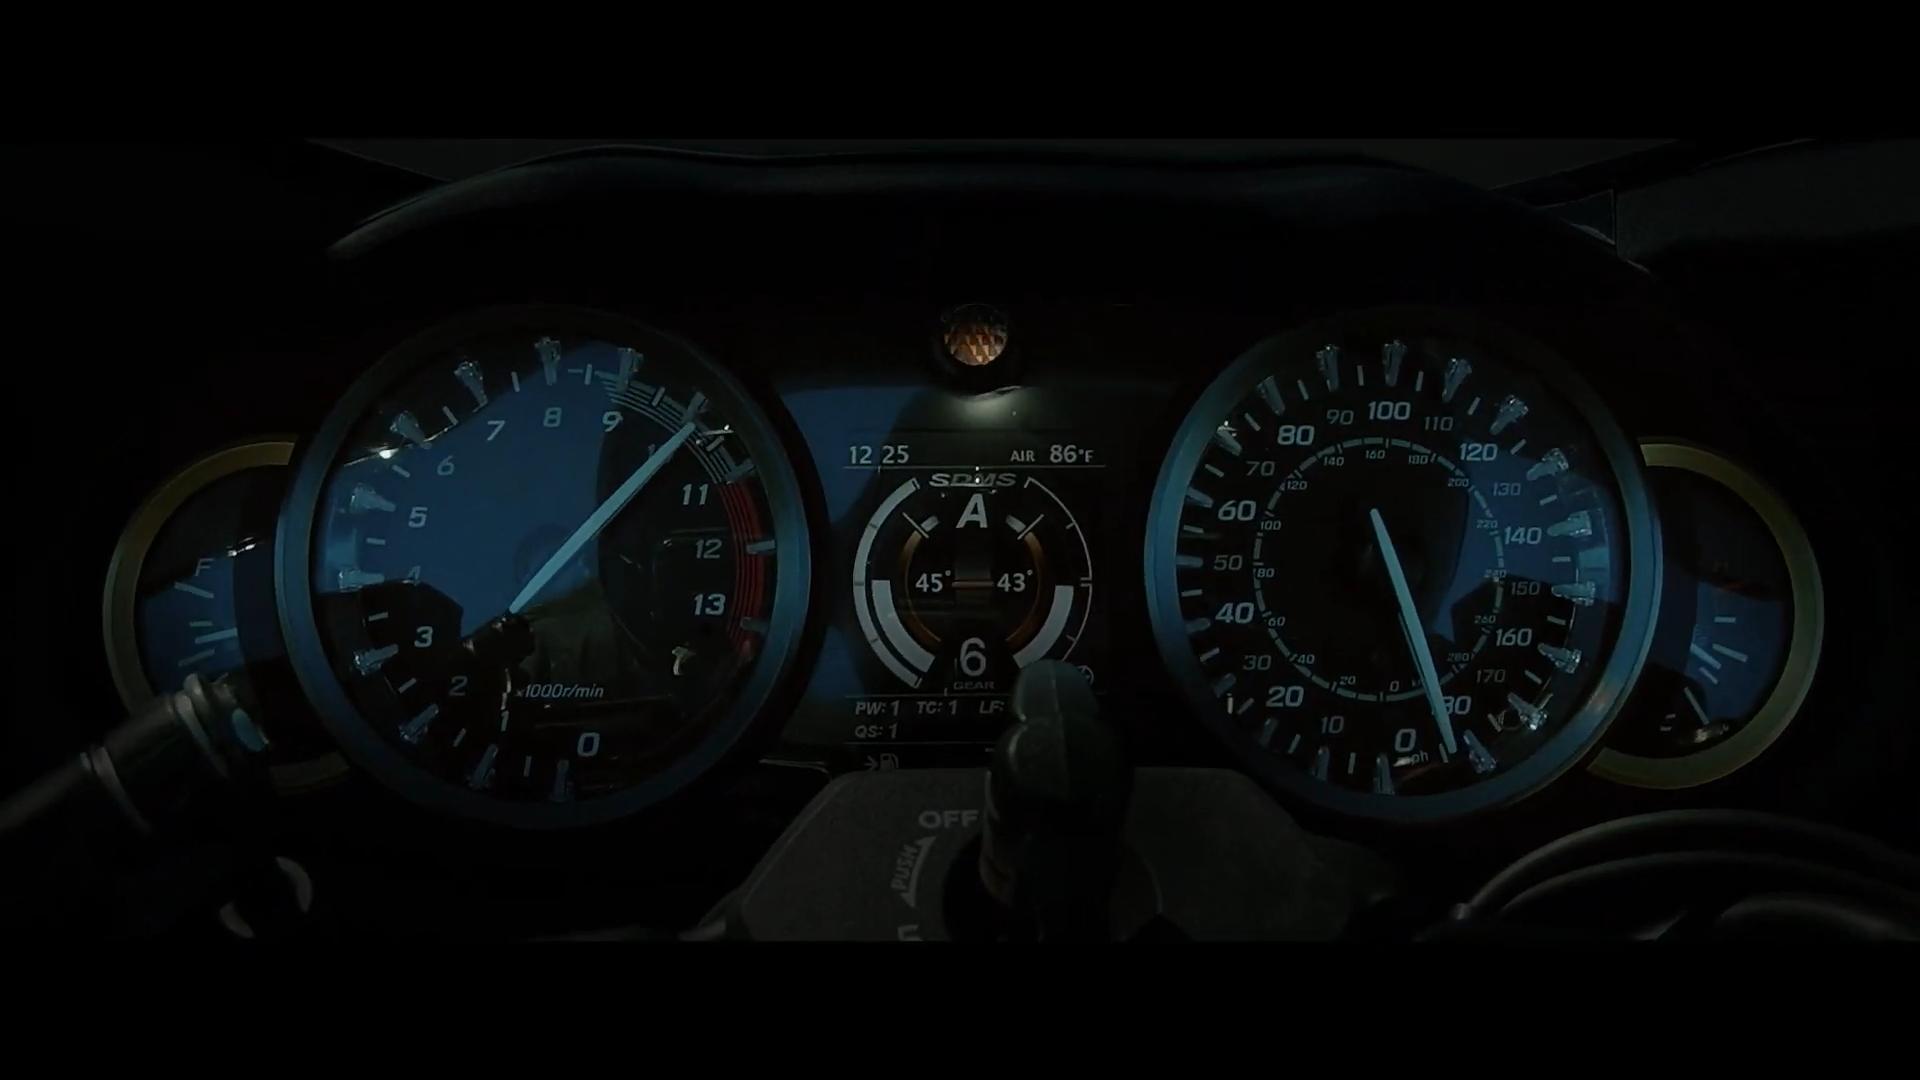 儀錶中央能看到不少電控縮寫,時速錶更是指在驚人的300公里!